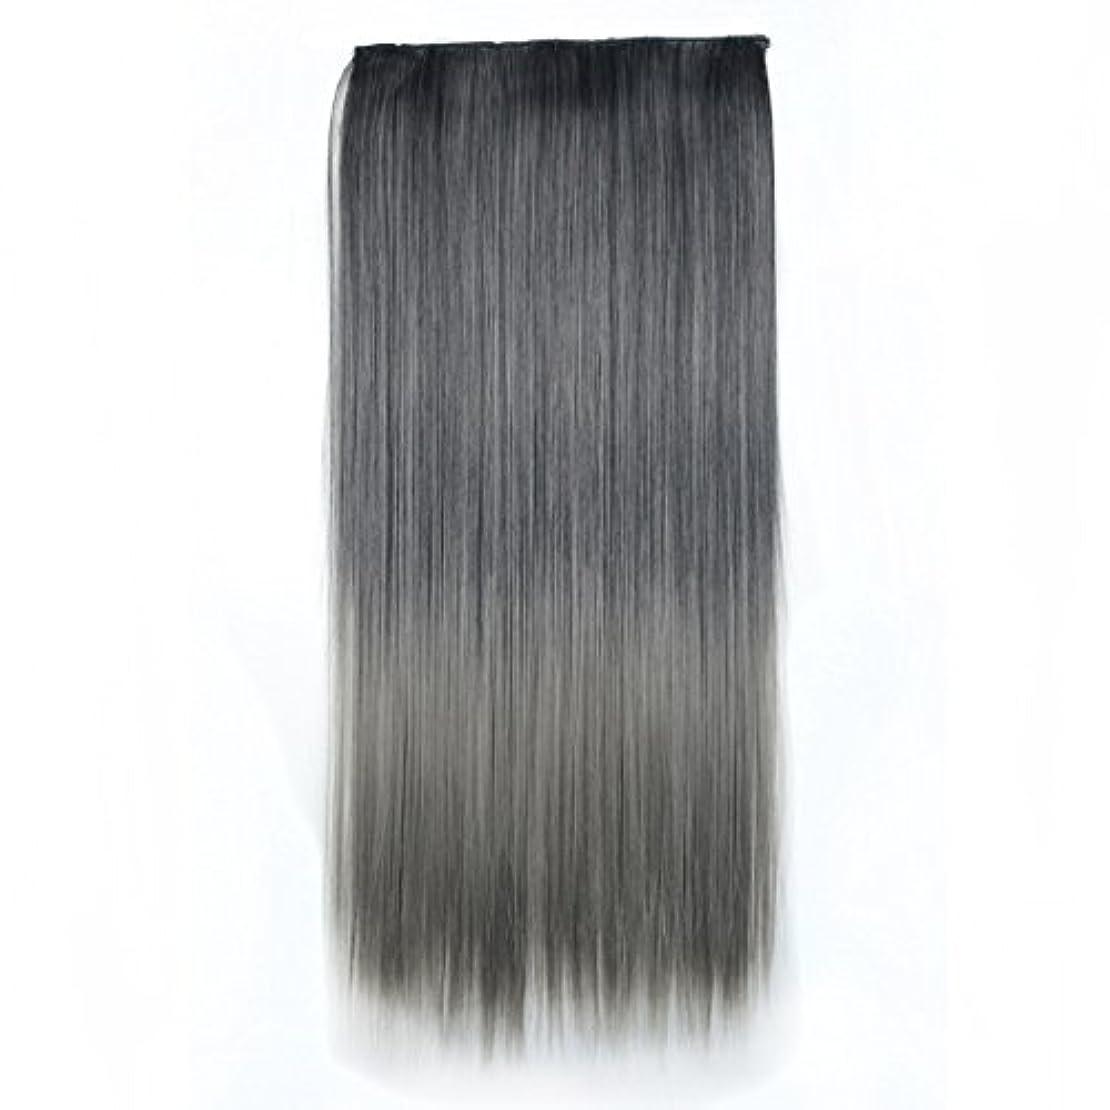 王子コンチネンタルお手入れJIANFU 合成ヘアエクステンションヘアカラーグラデーションウィッグピースで5クリップロングストレートヘアピース60cm (Color : Black gradient light granny ash)